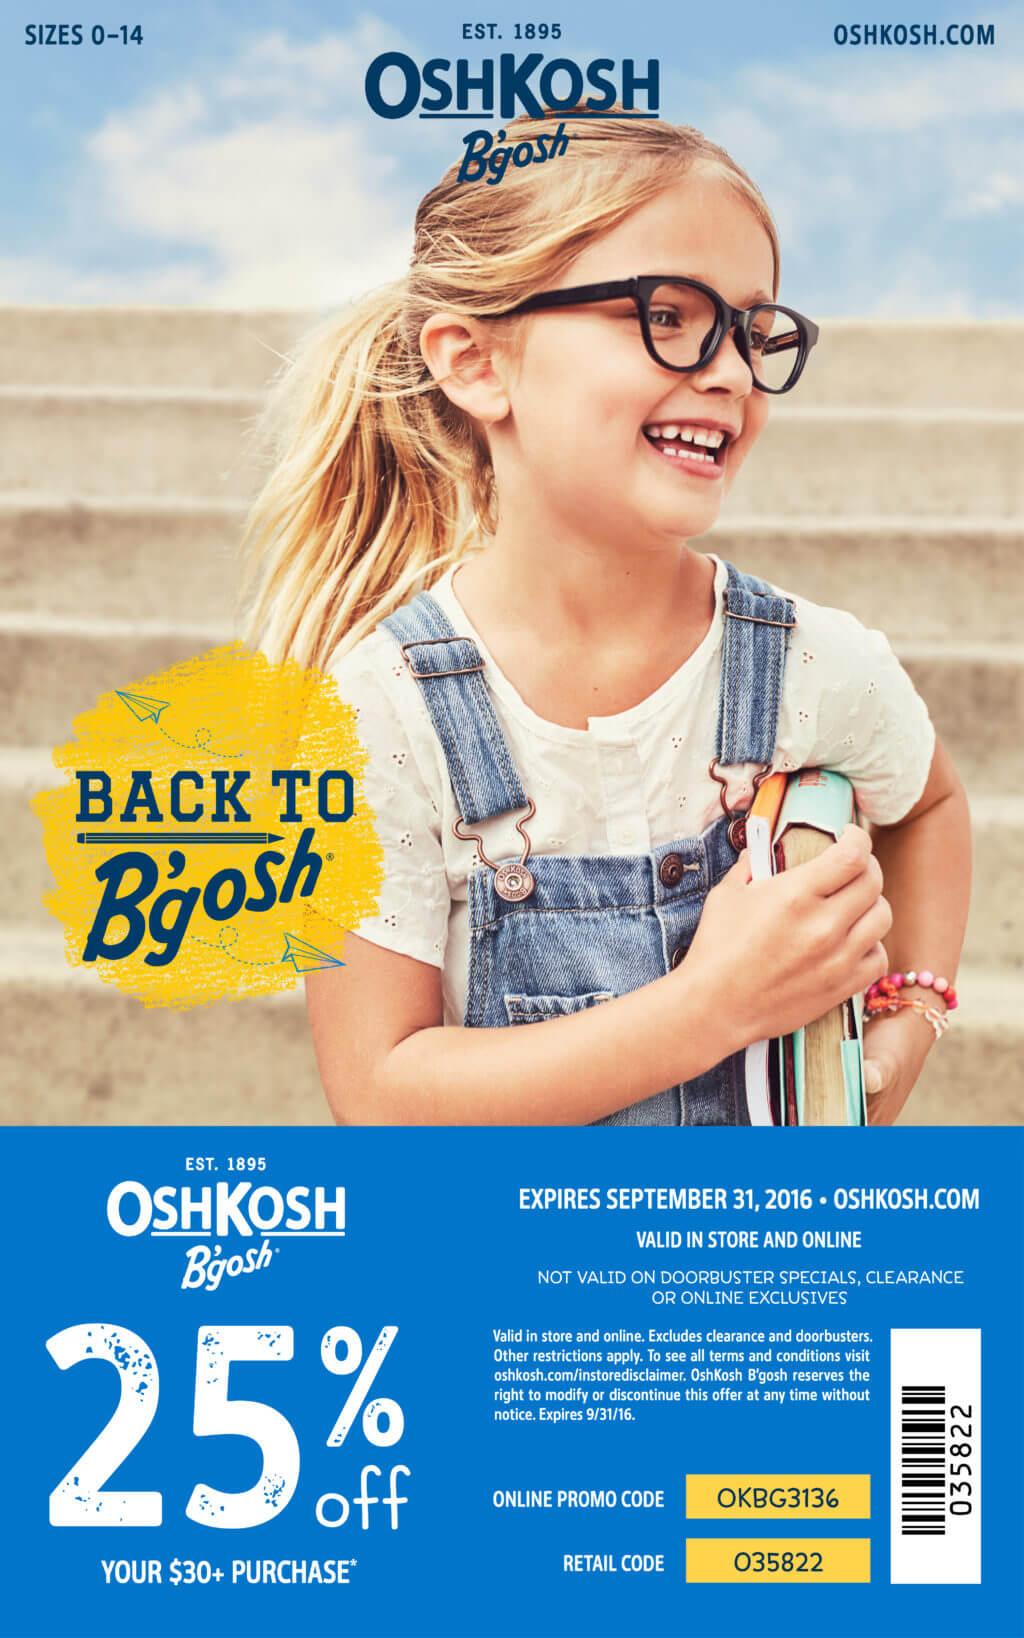 Get #BacktoSchool w/3 easy tips & a 25% coupon for @OshKoshBgosh #OshKoshKids #BacktoBgosh #ad